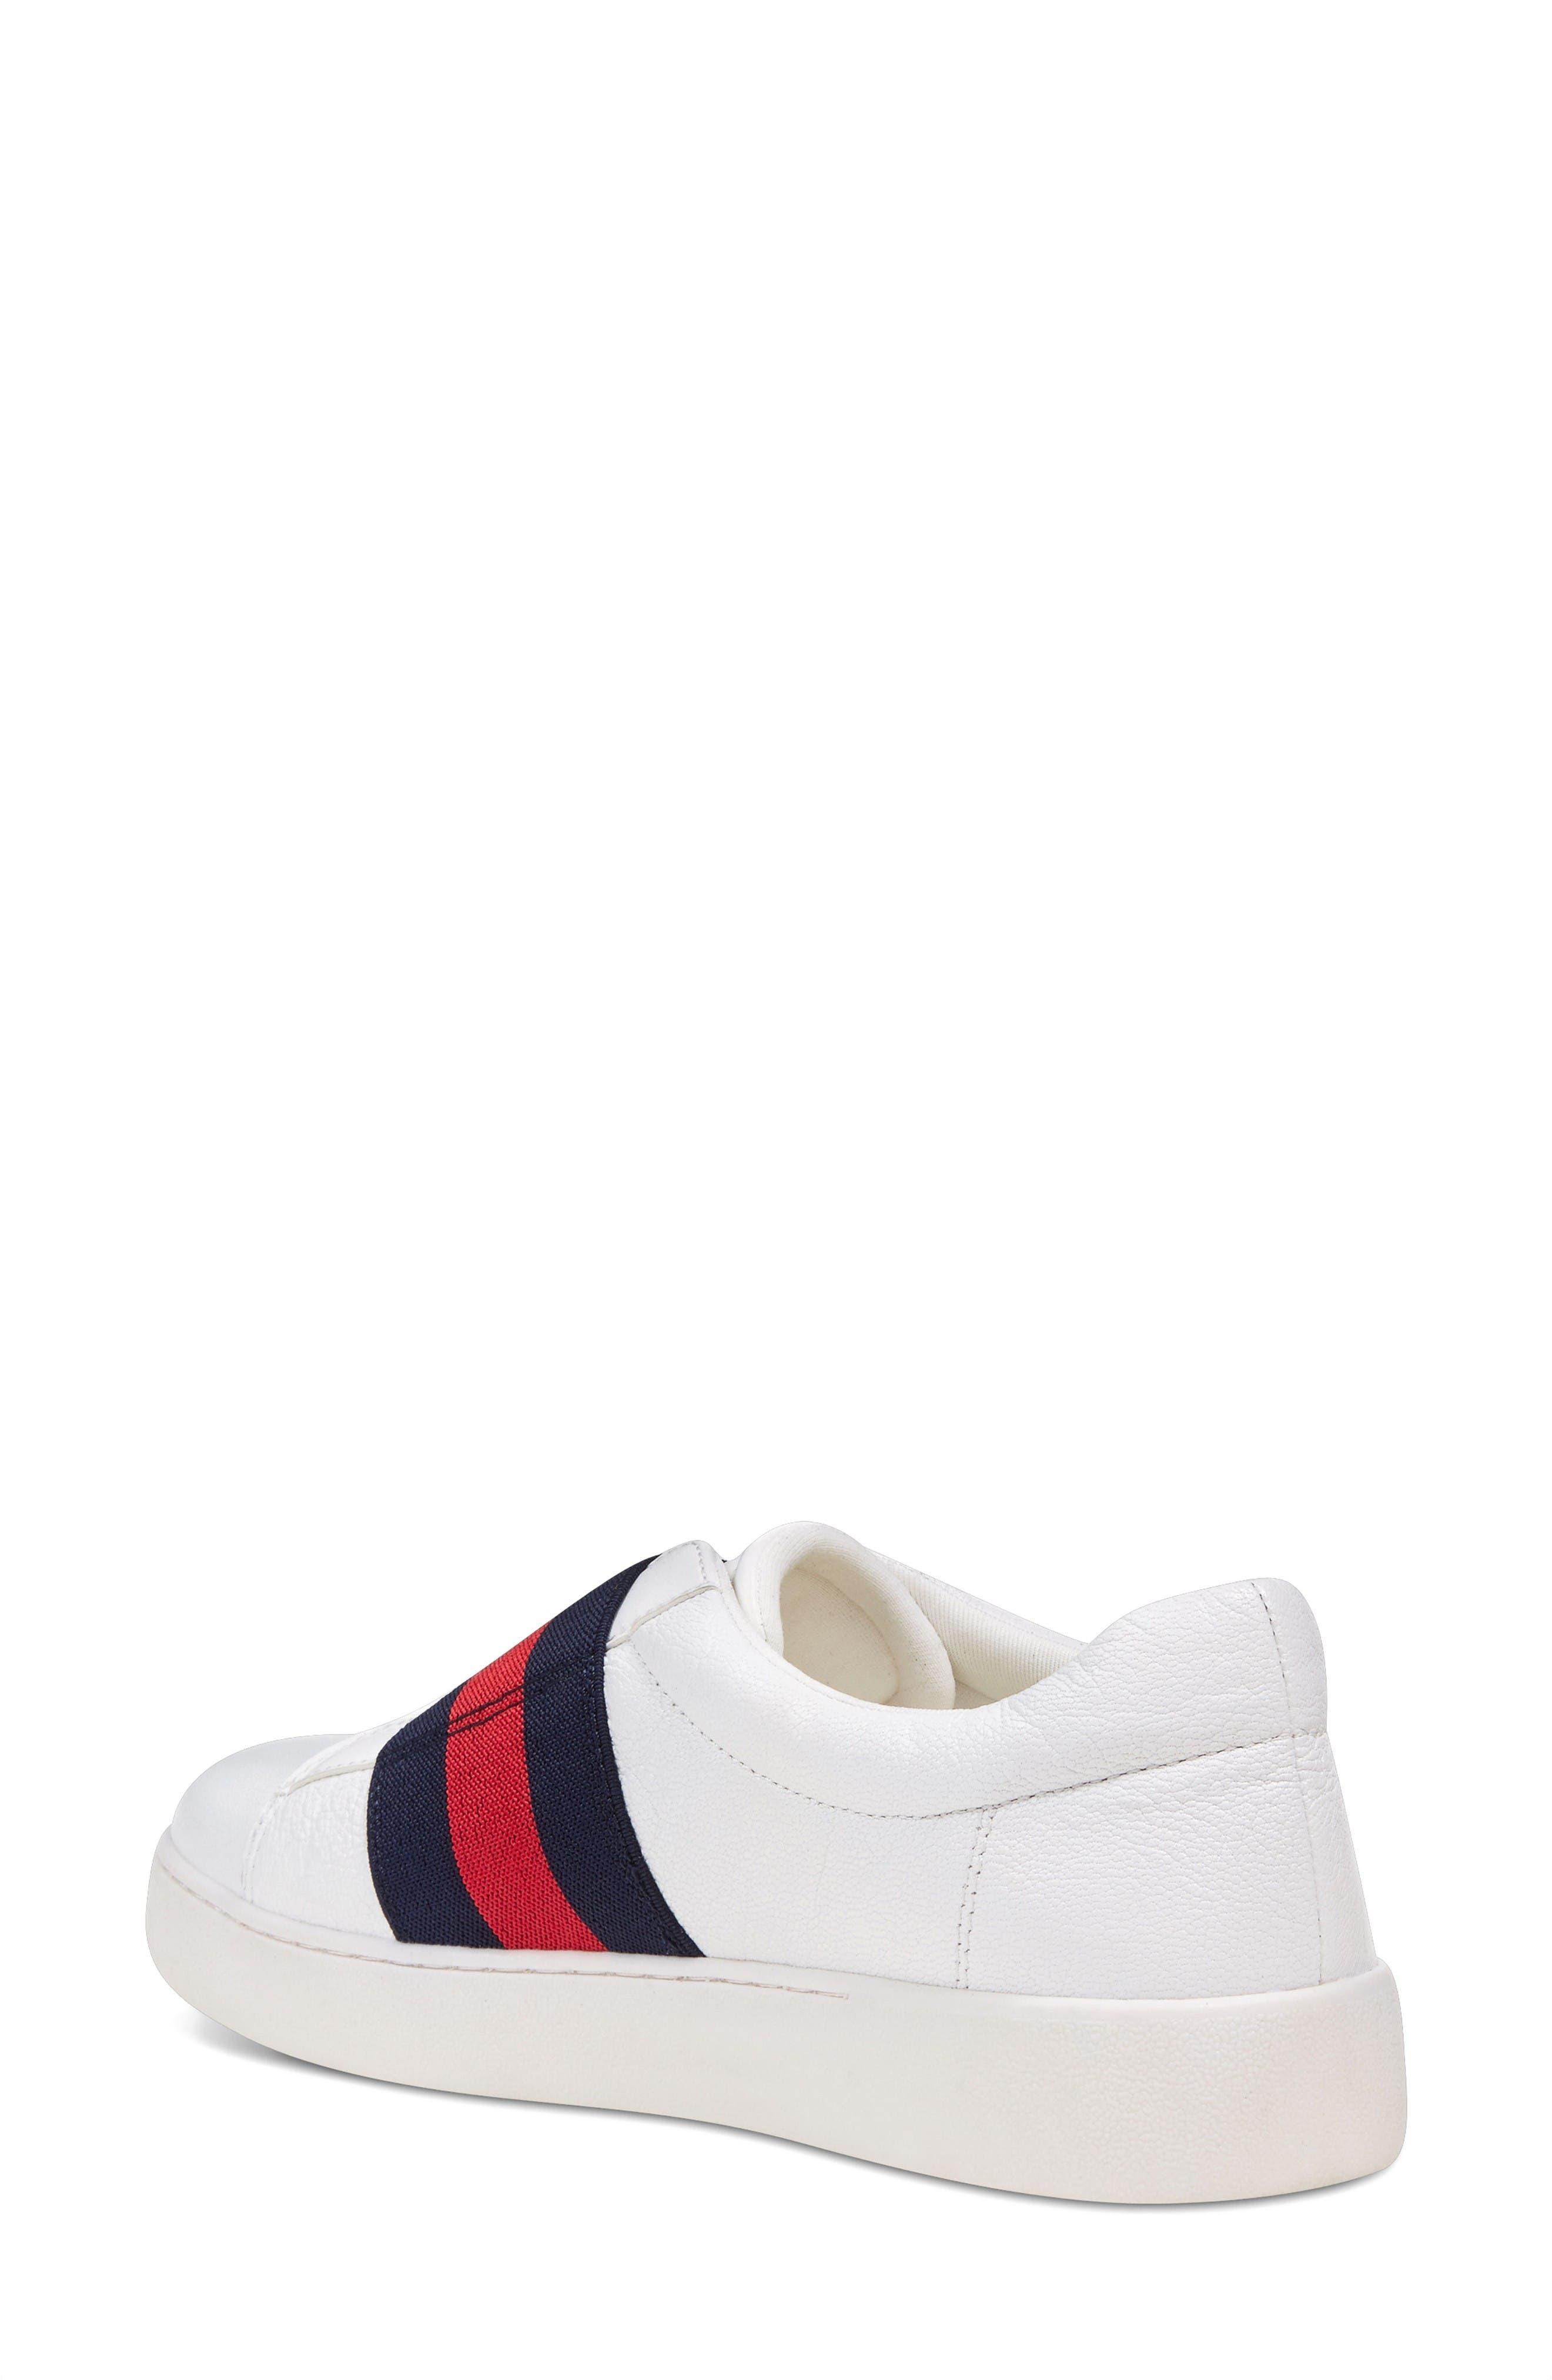 Alternate Image 2  - Nine West Pirin Slip-On Sneaker (Women)